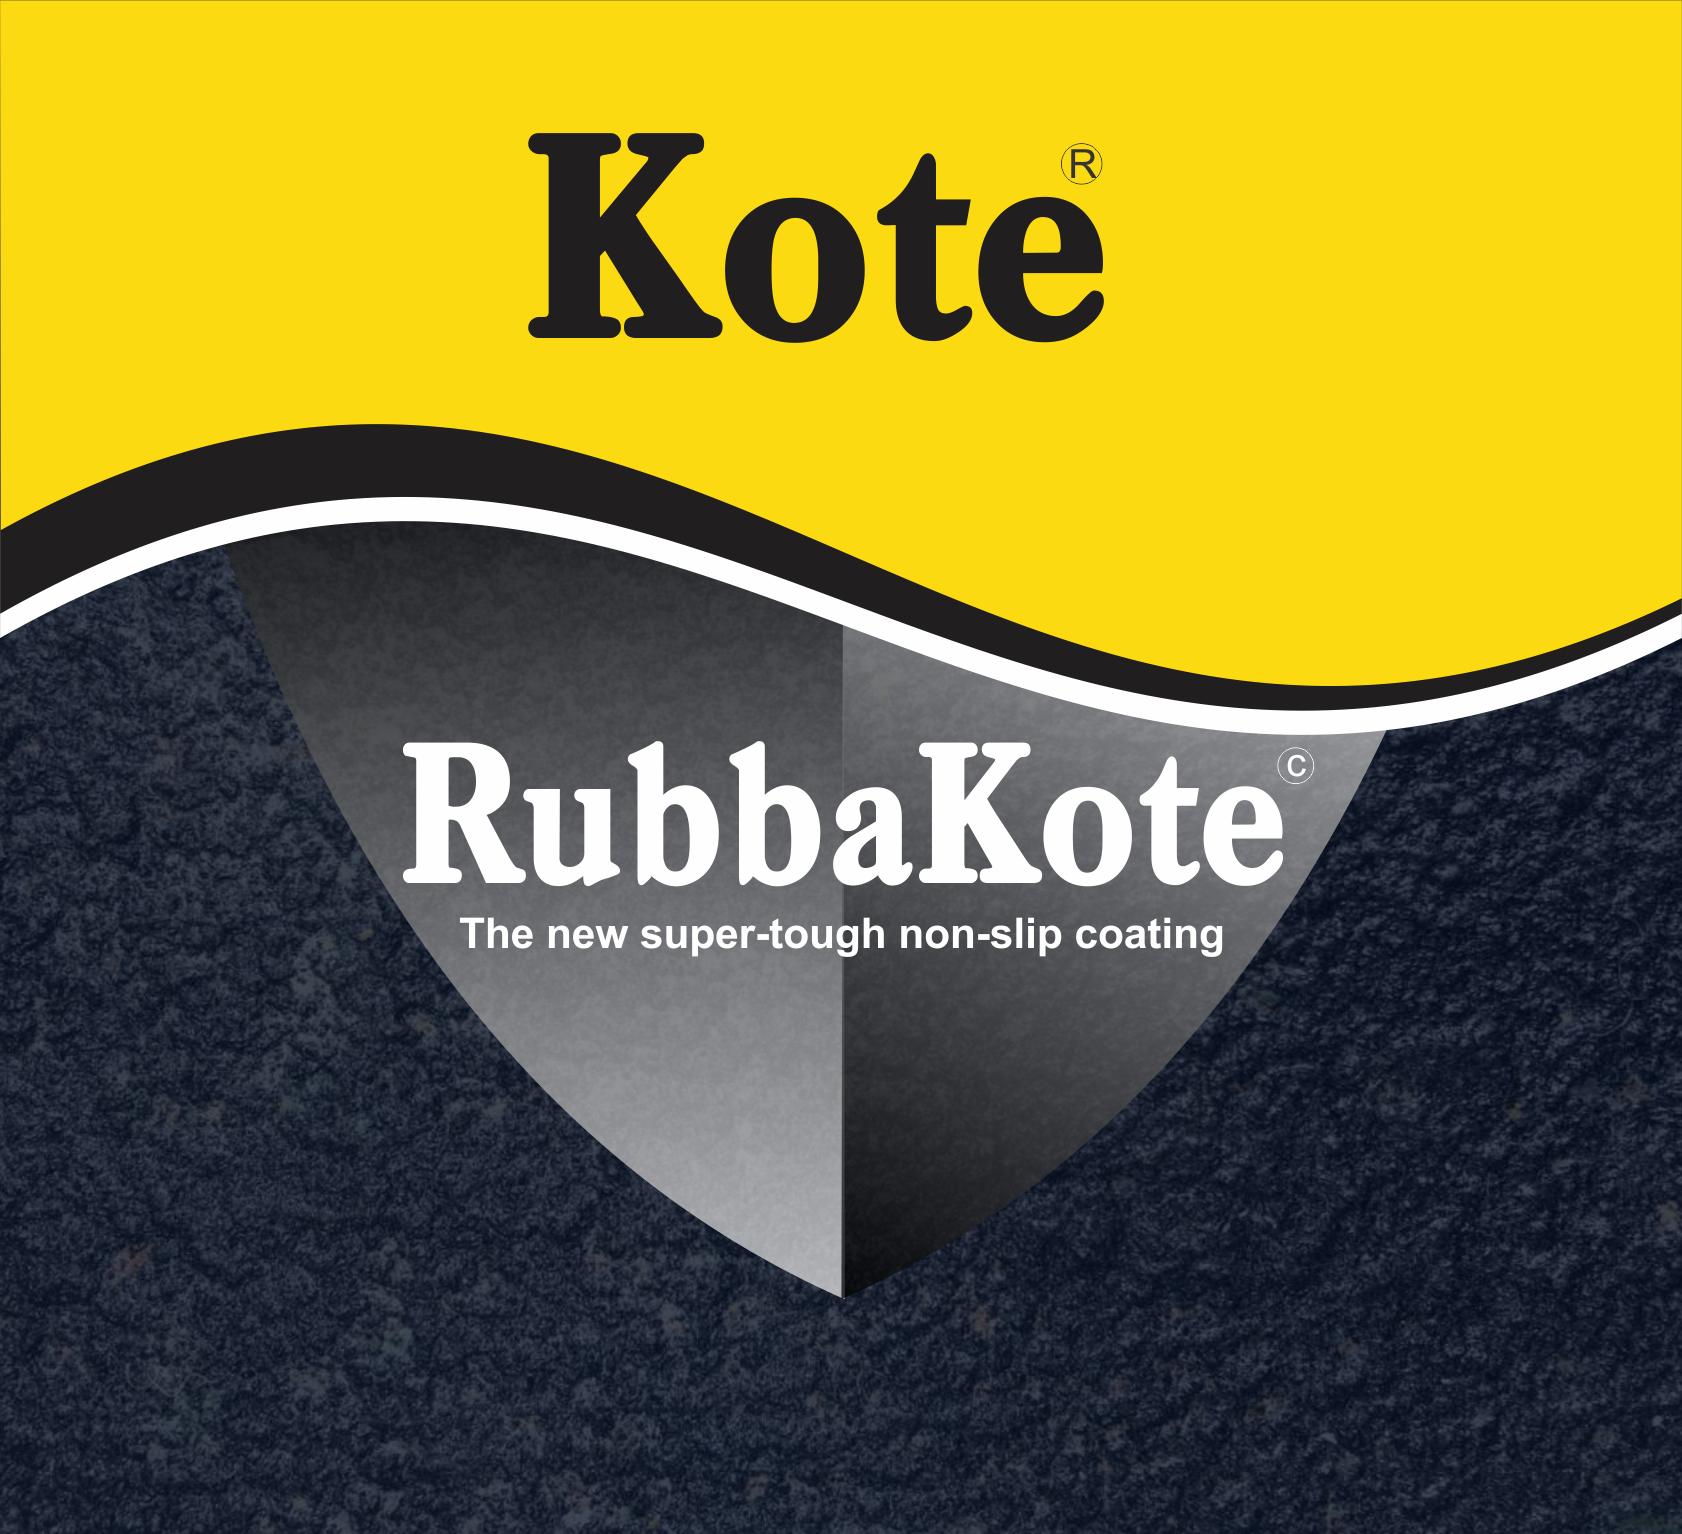 RubbaKote Label